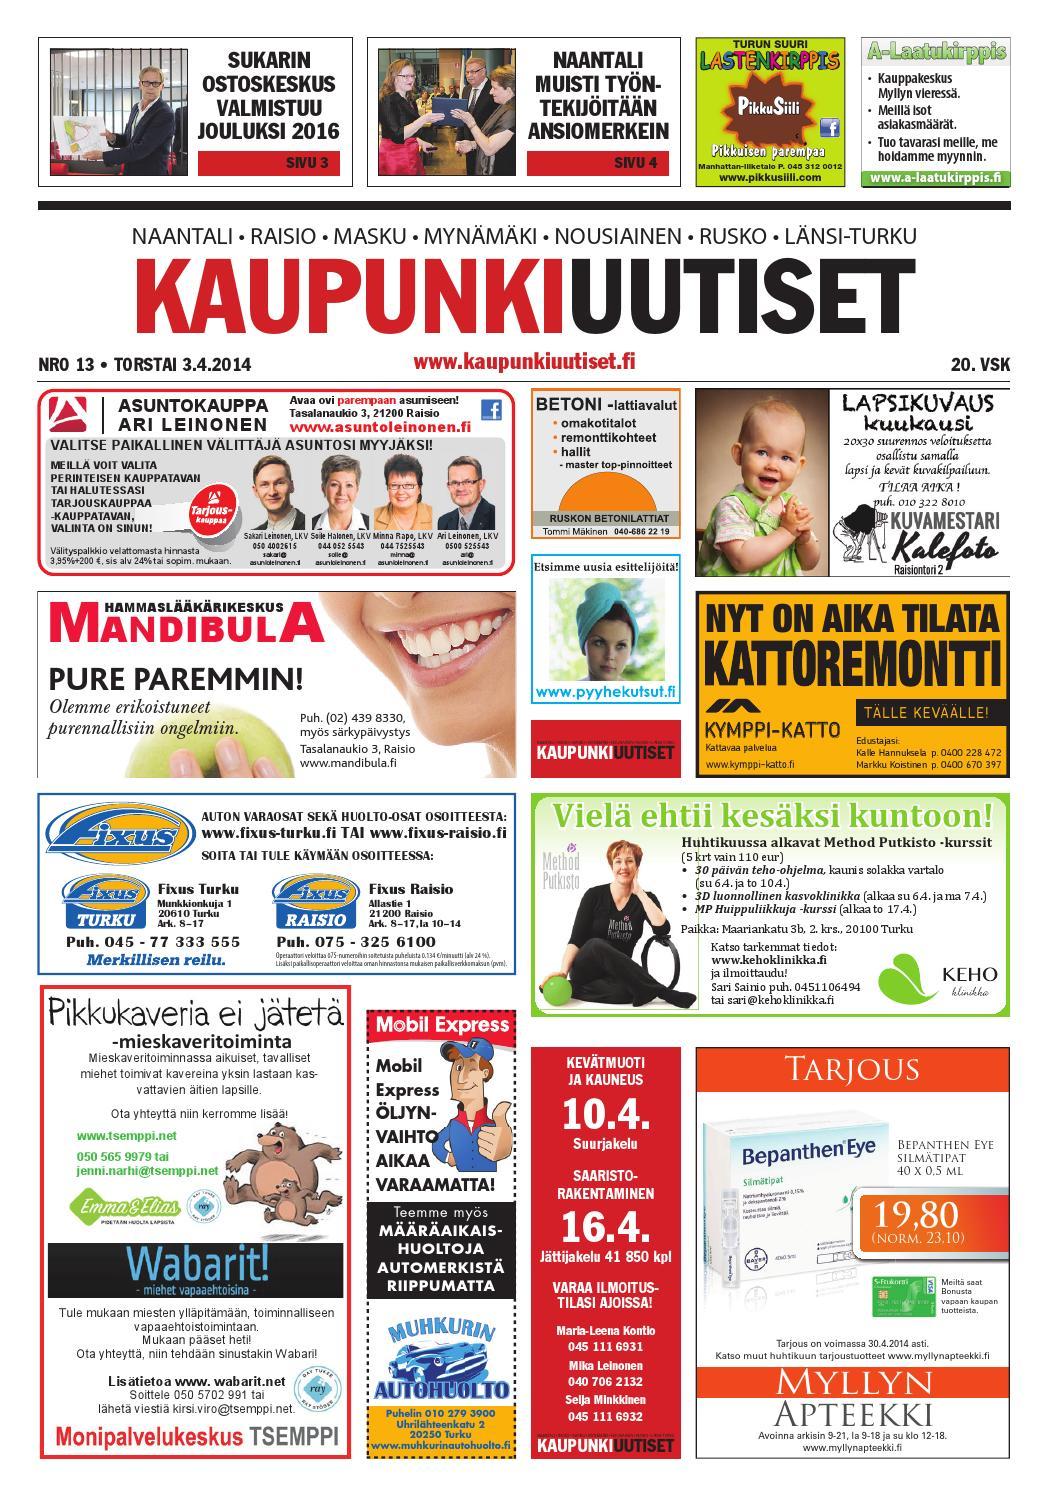 Kaupunkiuutiset 03.04.2014 by Kaupunkiuutiset - issuu cd5c63b8f7